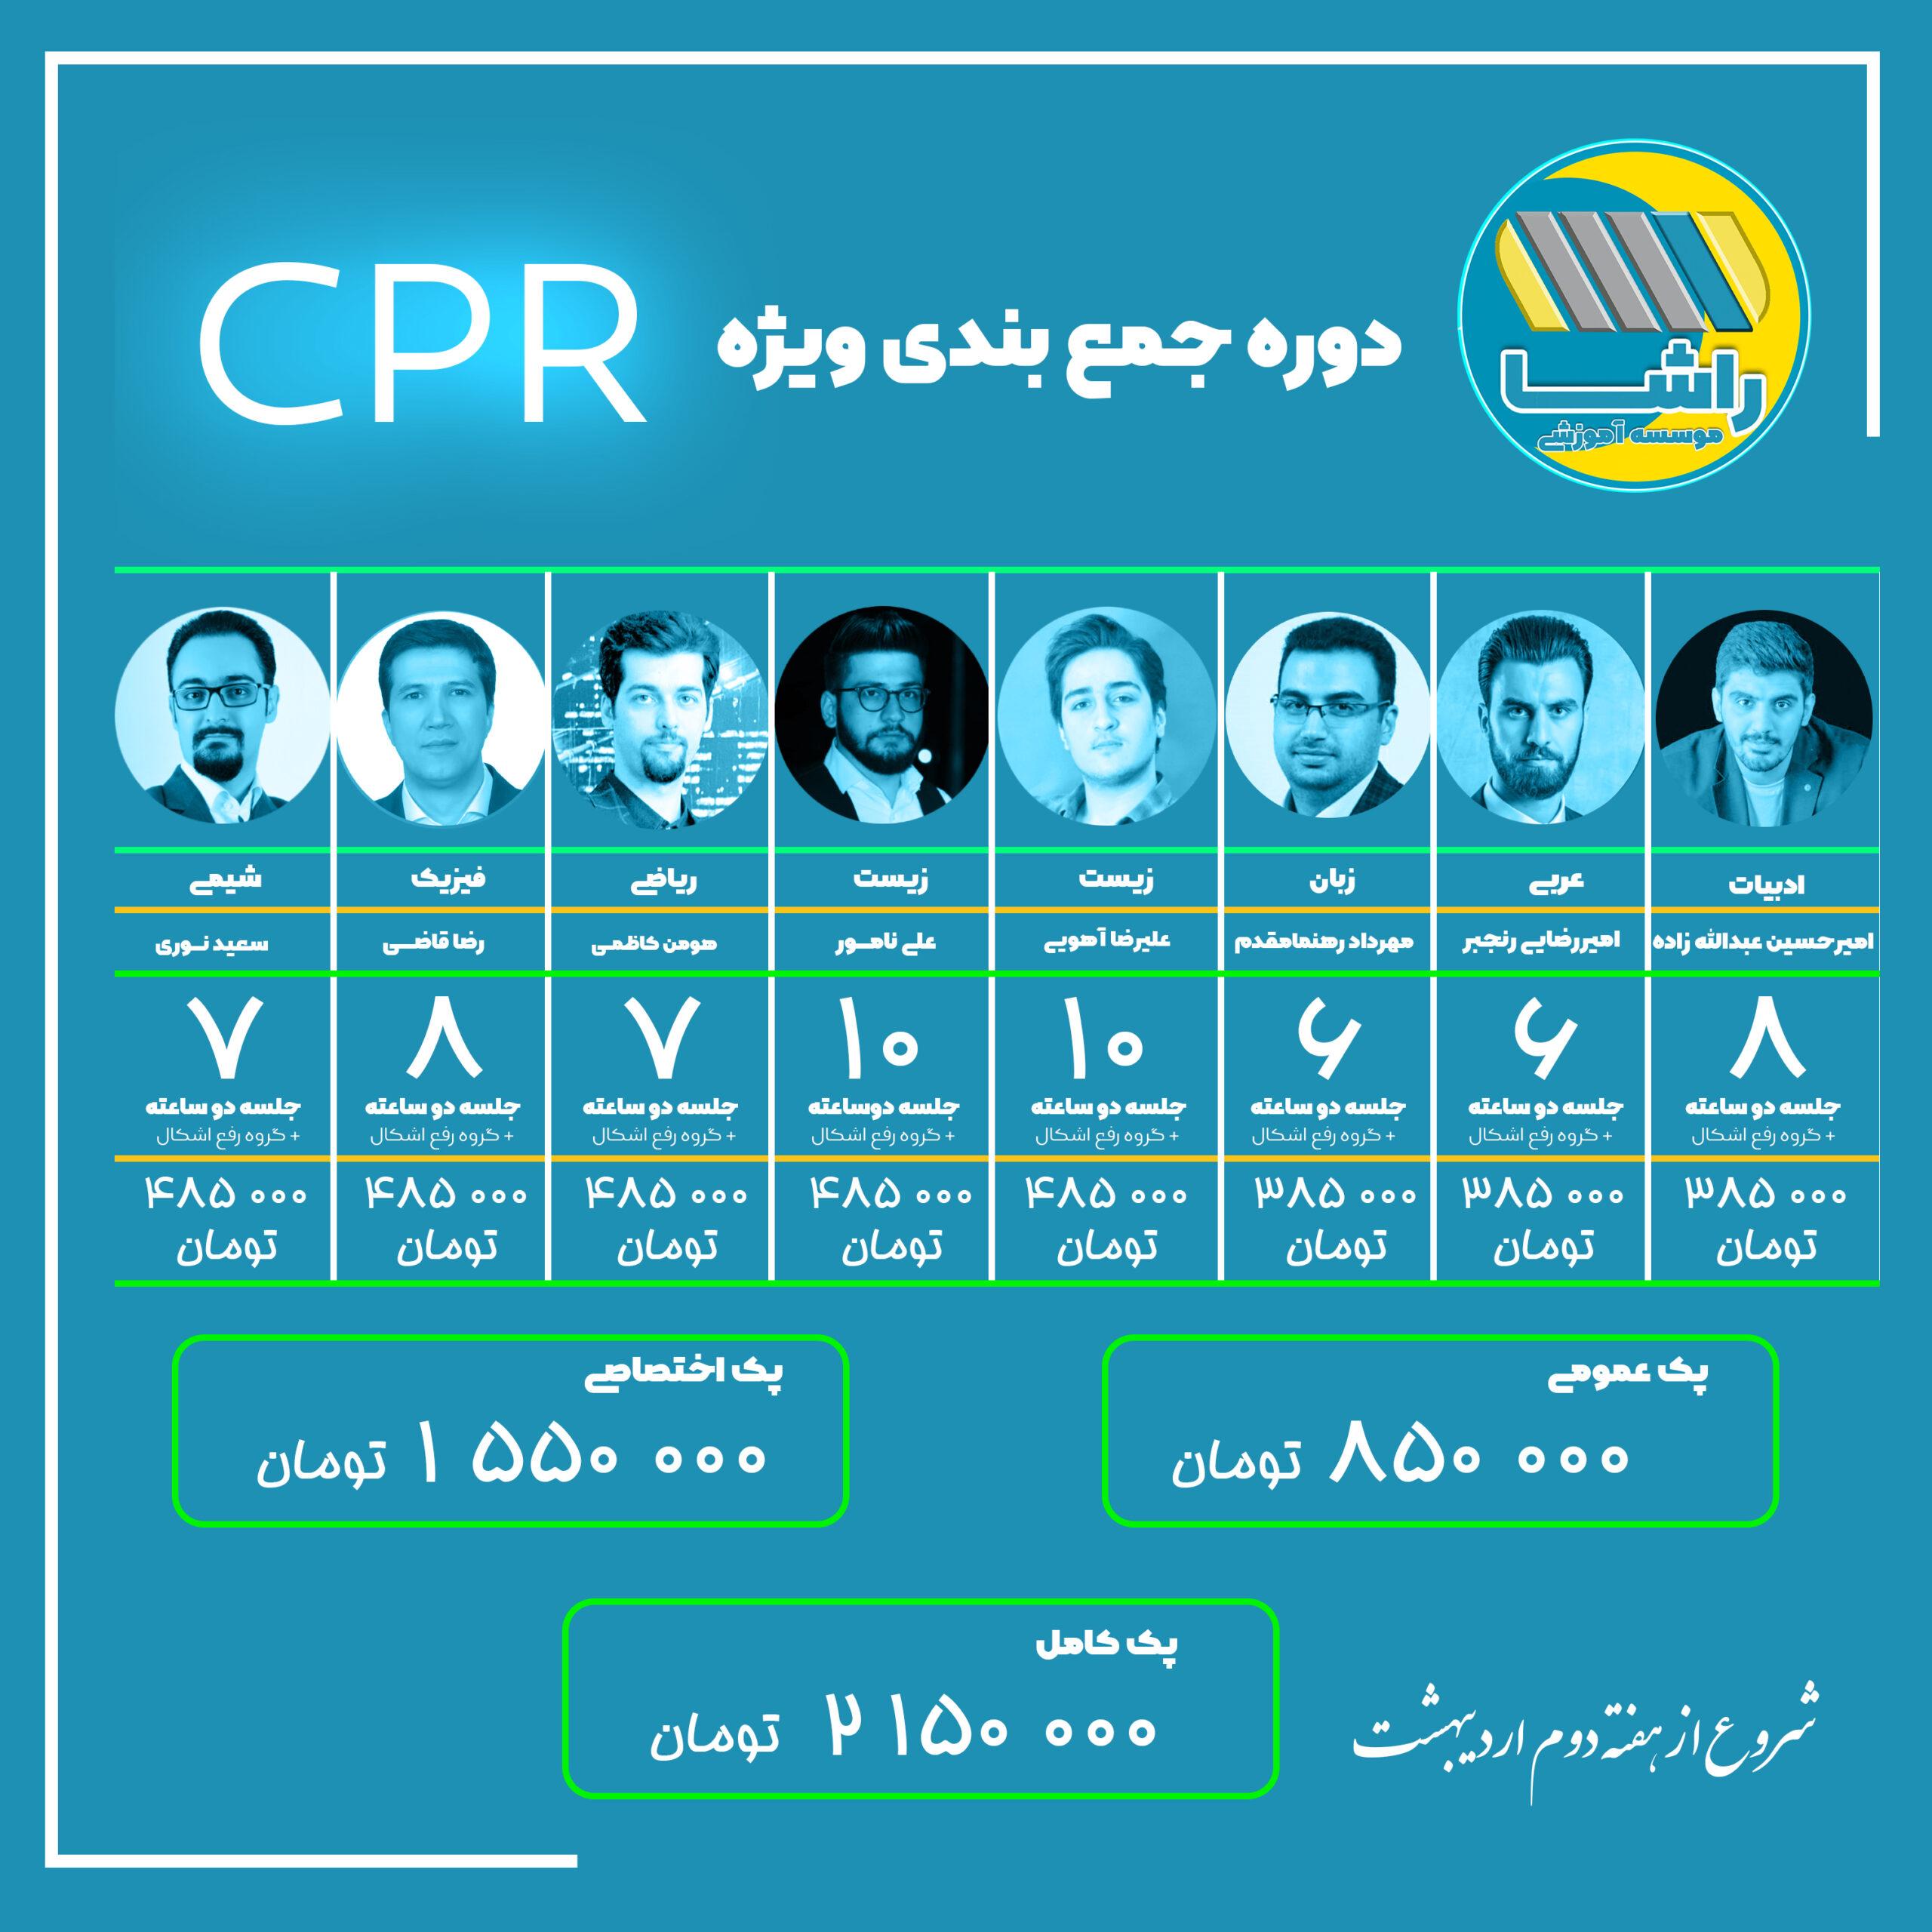 پک کامل دوره جمع بندی ویژه CPR